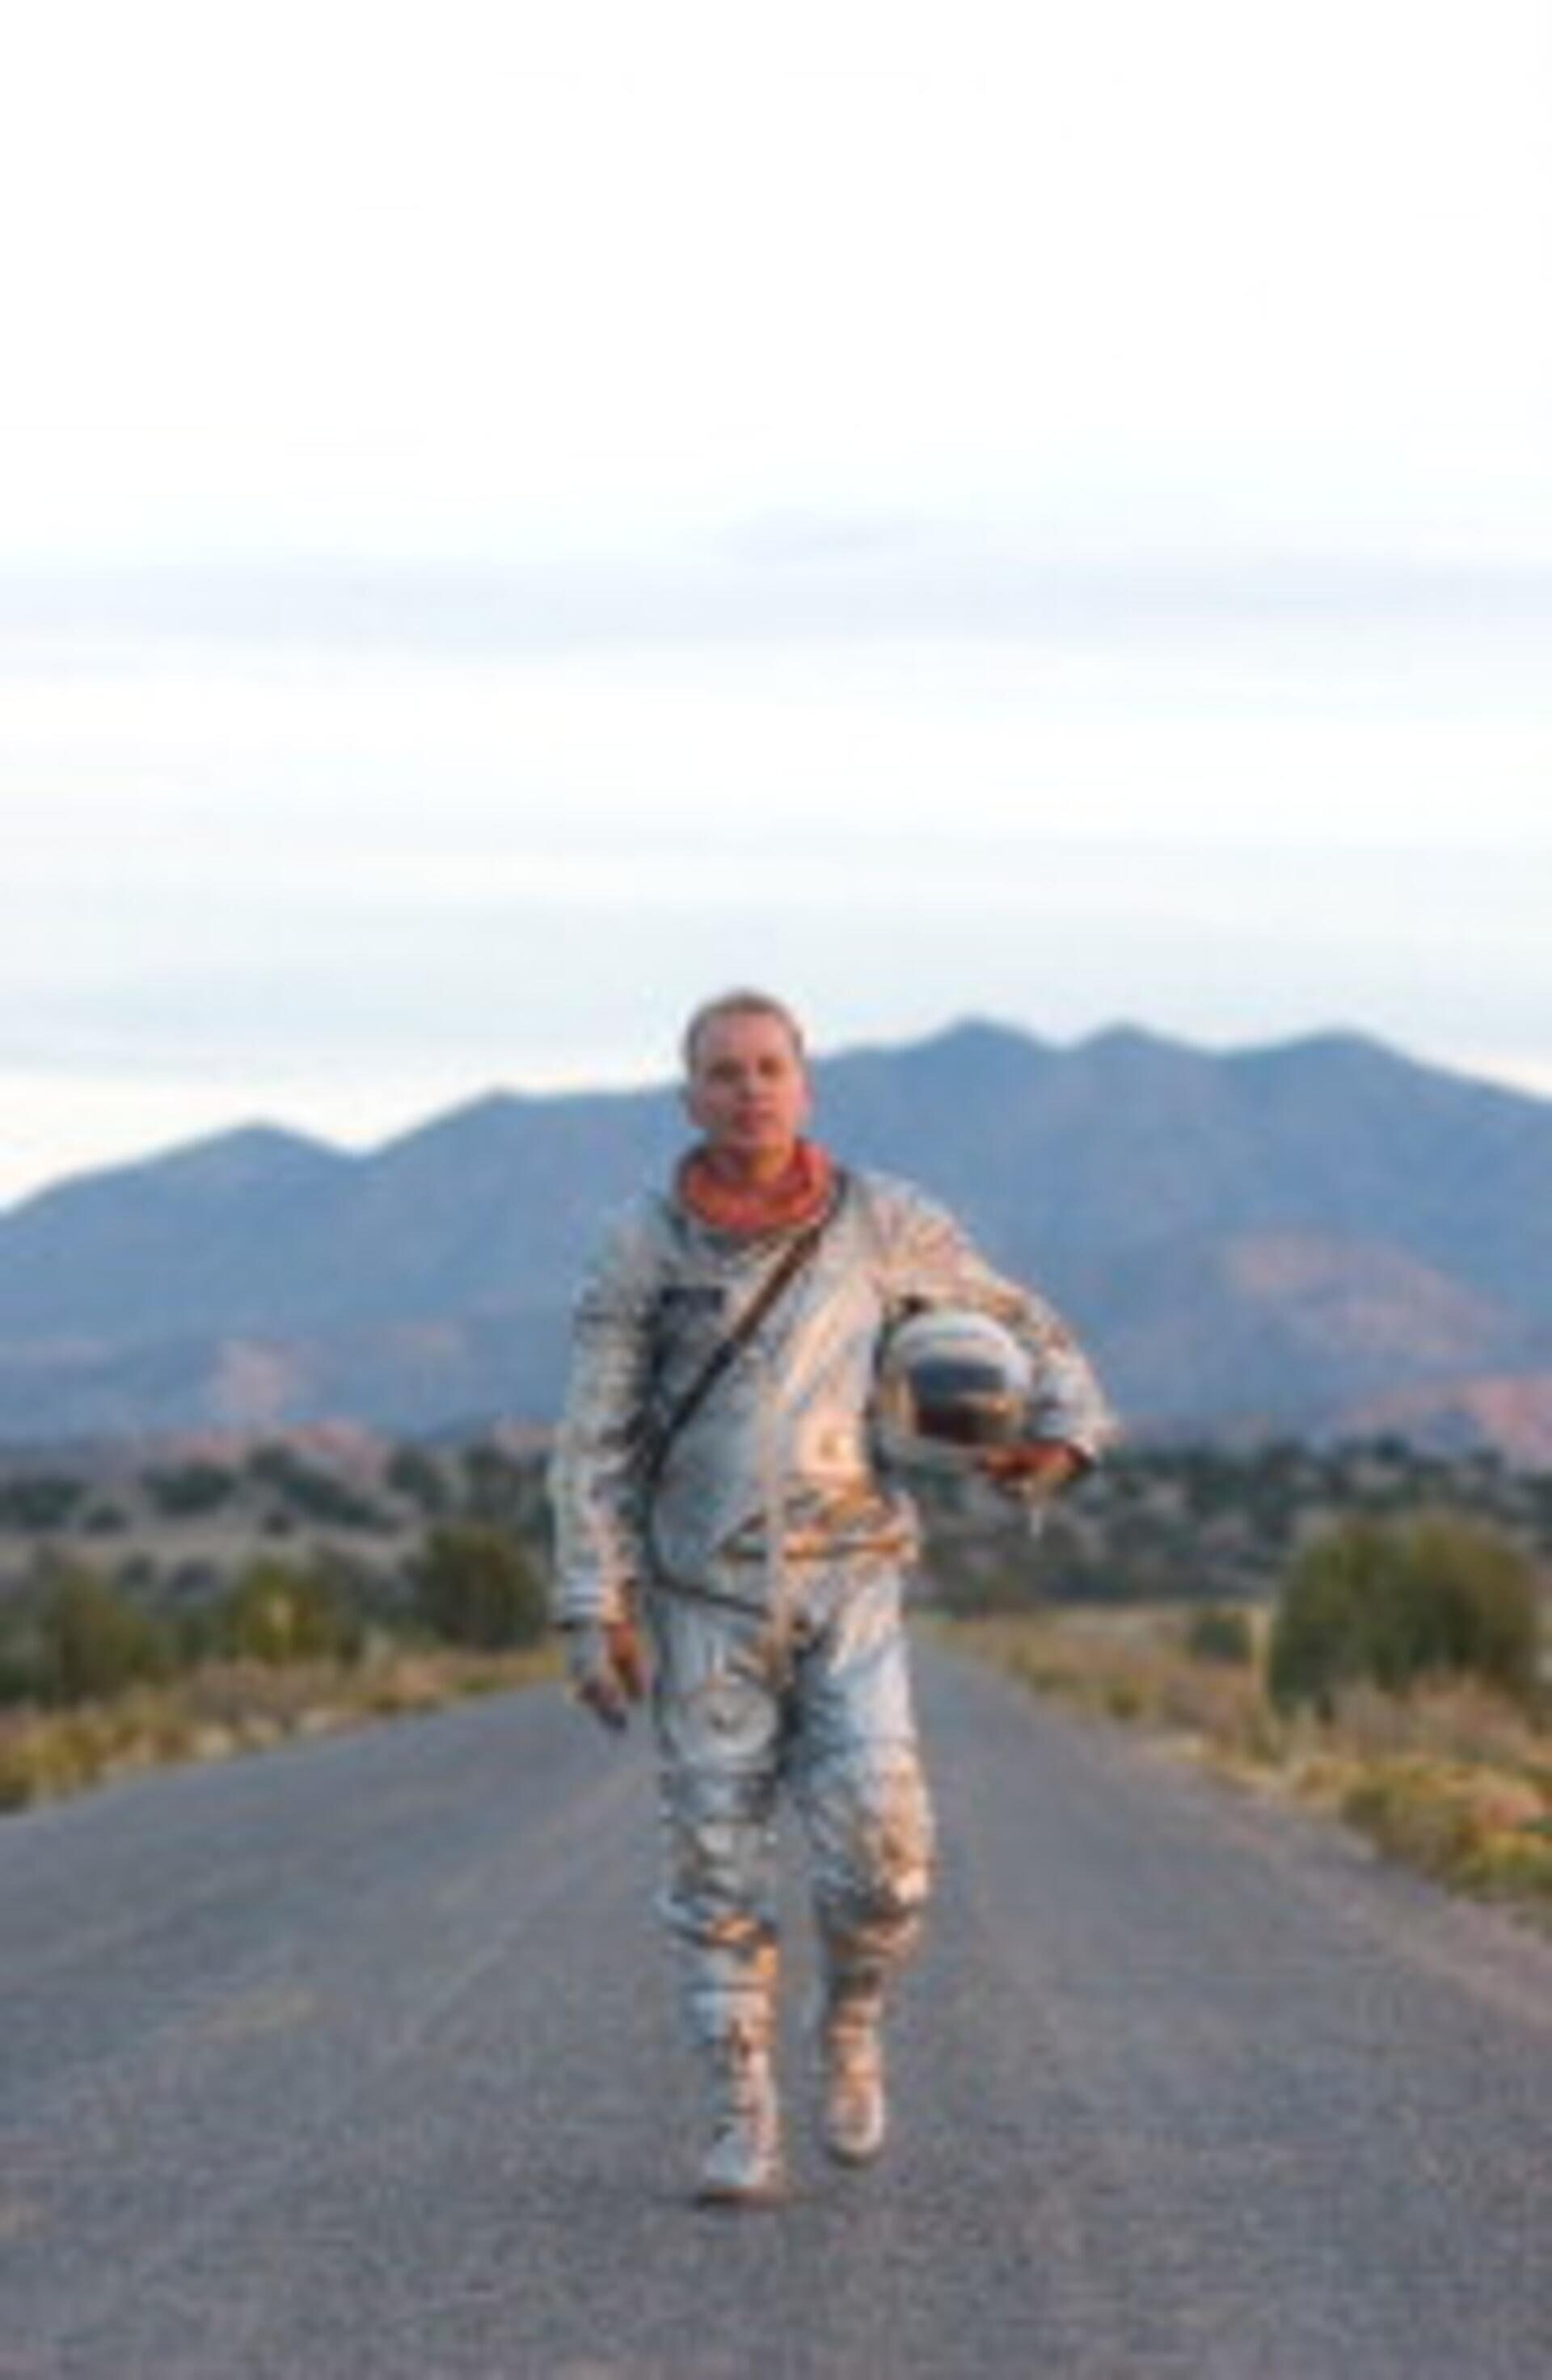 The Astronaut Farmer - Image 11